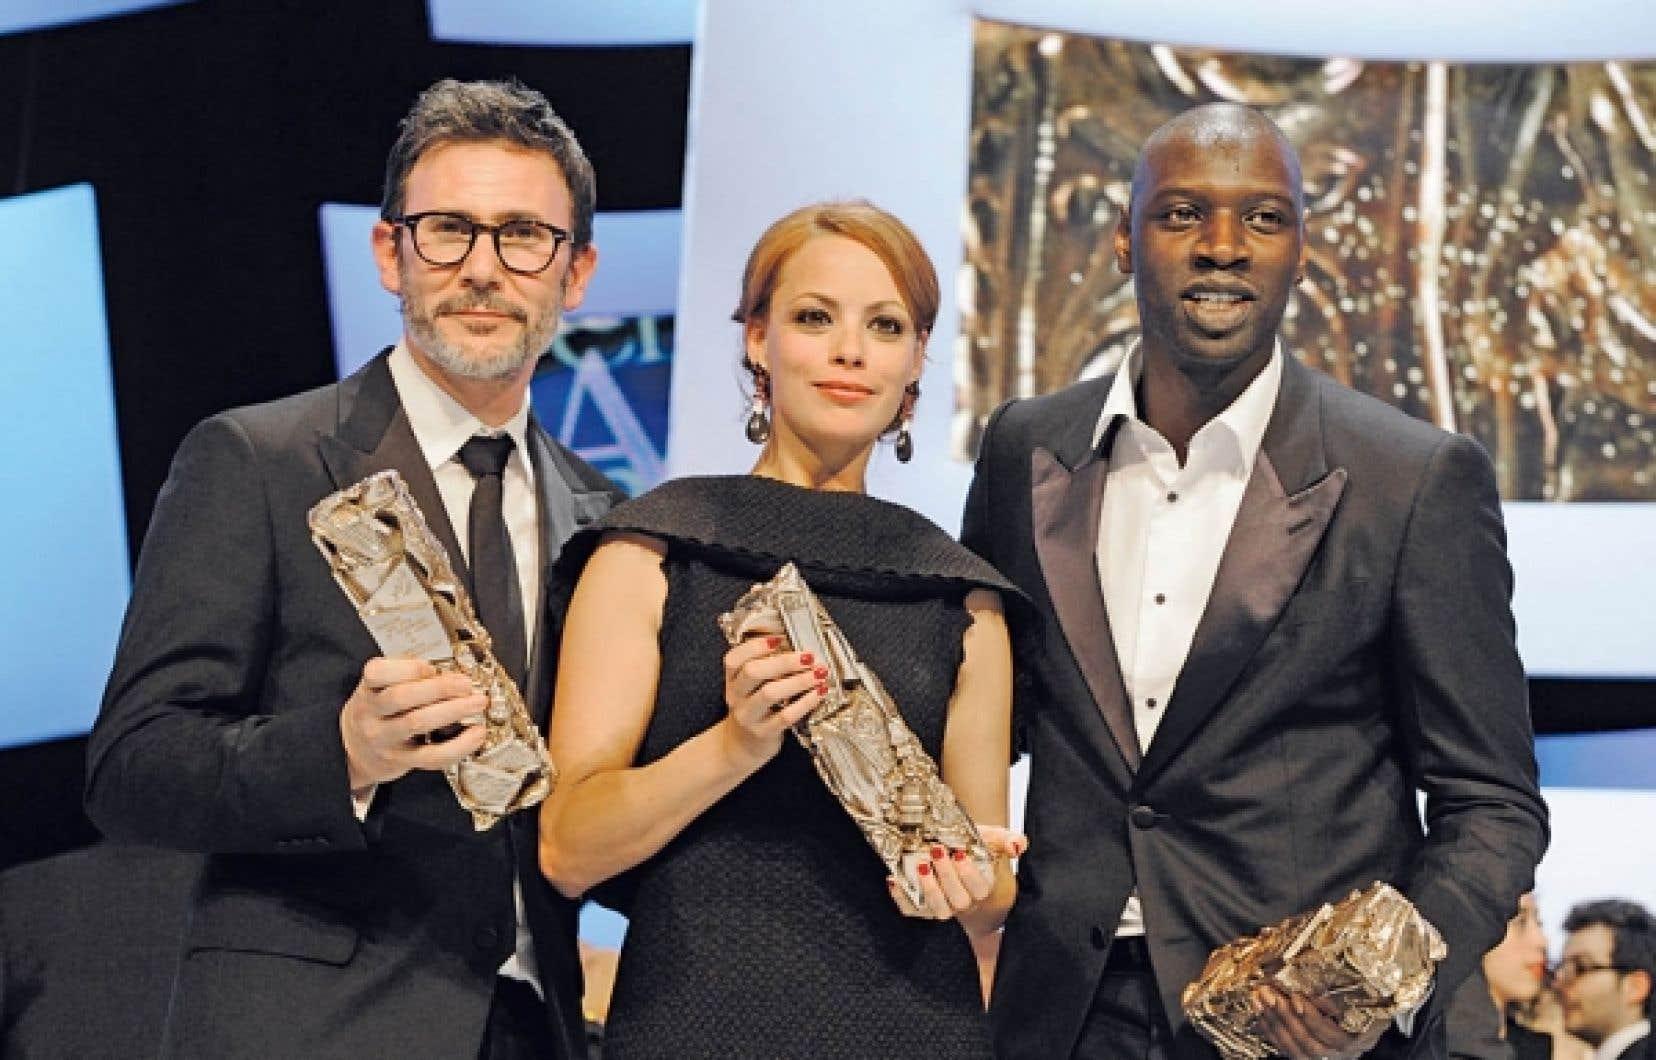 Le r&eacute;alisateur Michel Hazanavicius et les acteurs B&eacute;r&eacute;nice Bejo et Omar Sy posent avec leur C&eacute;sar.<br />